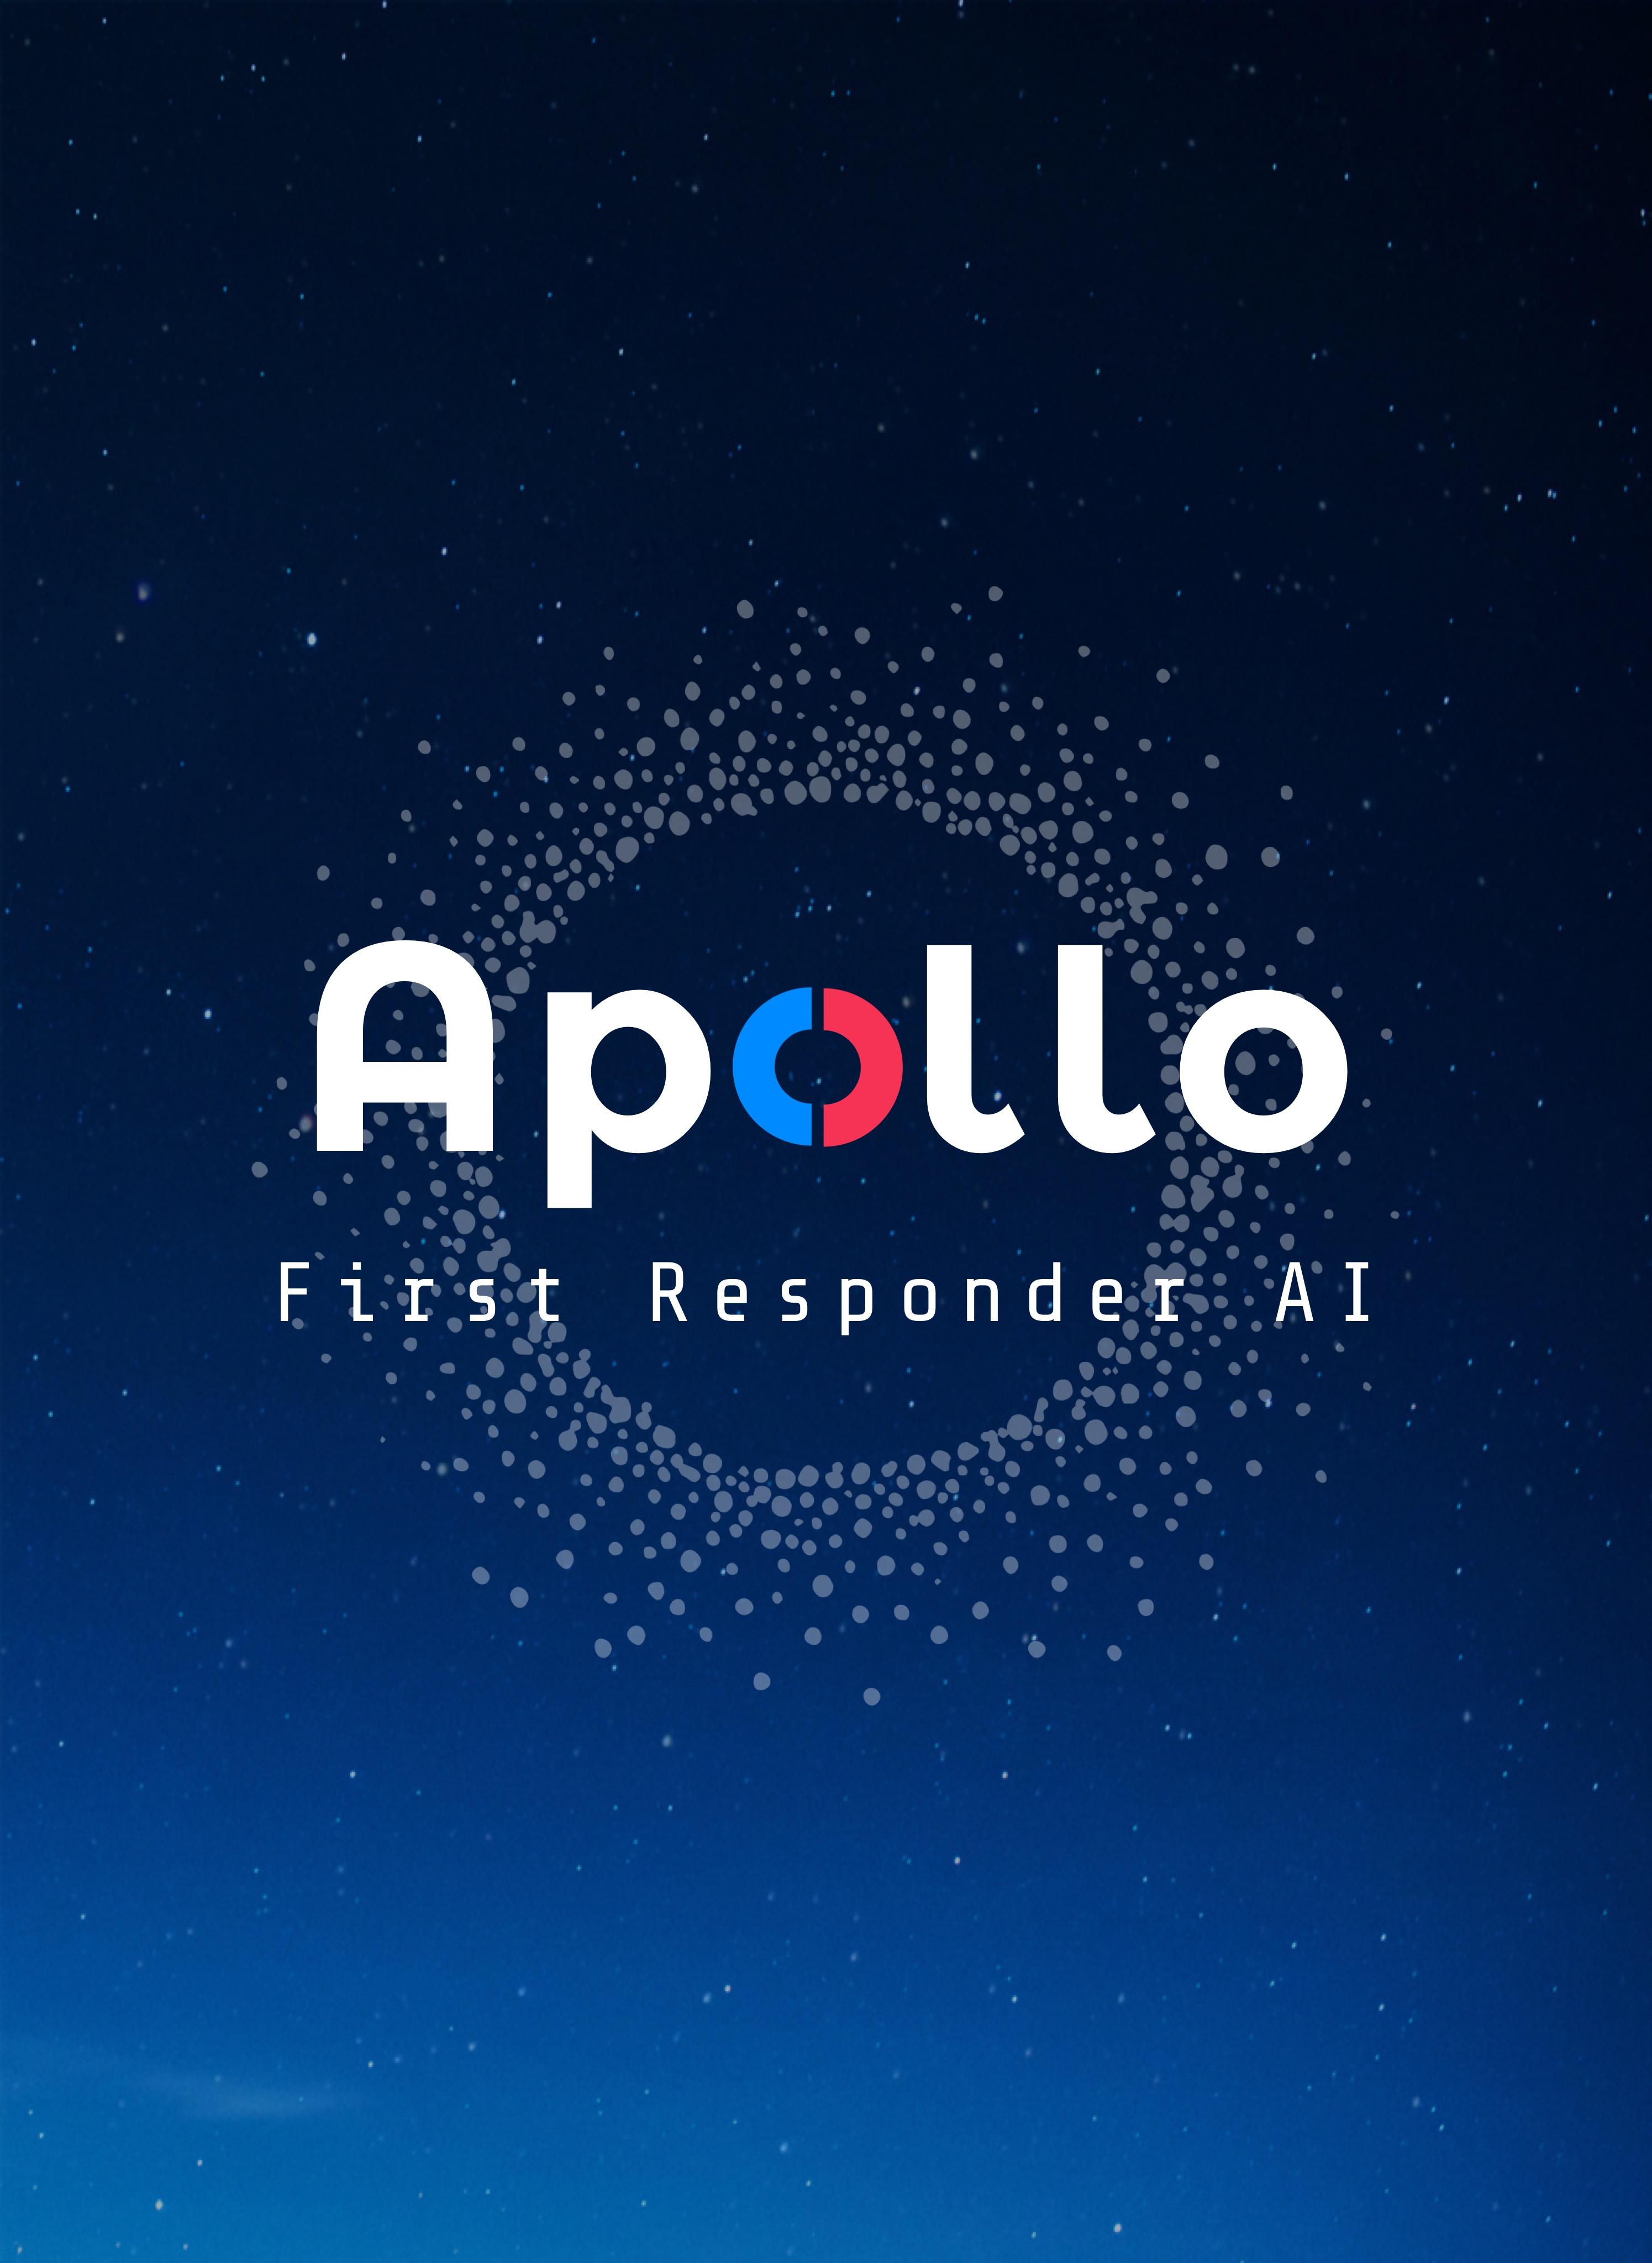 Apollo (First Responder A.I.)